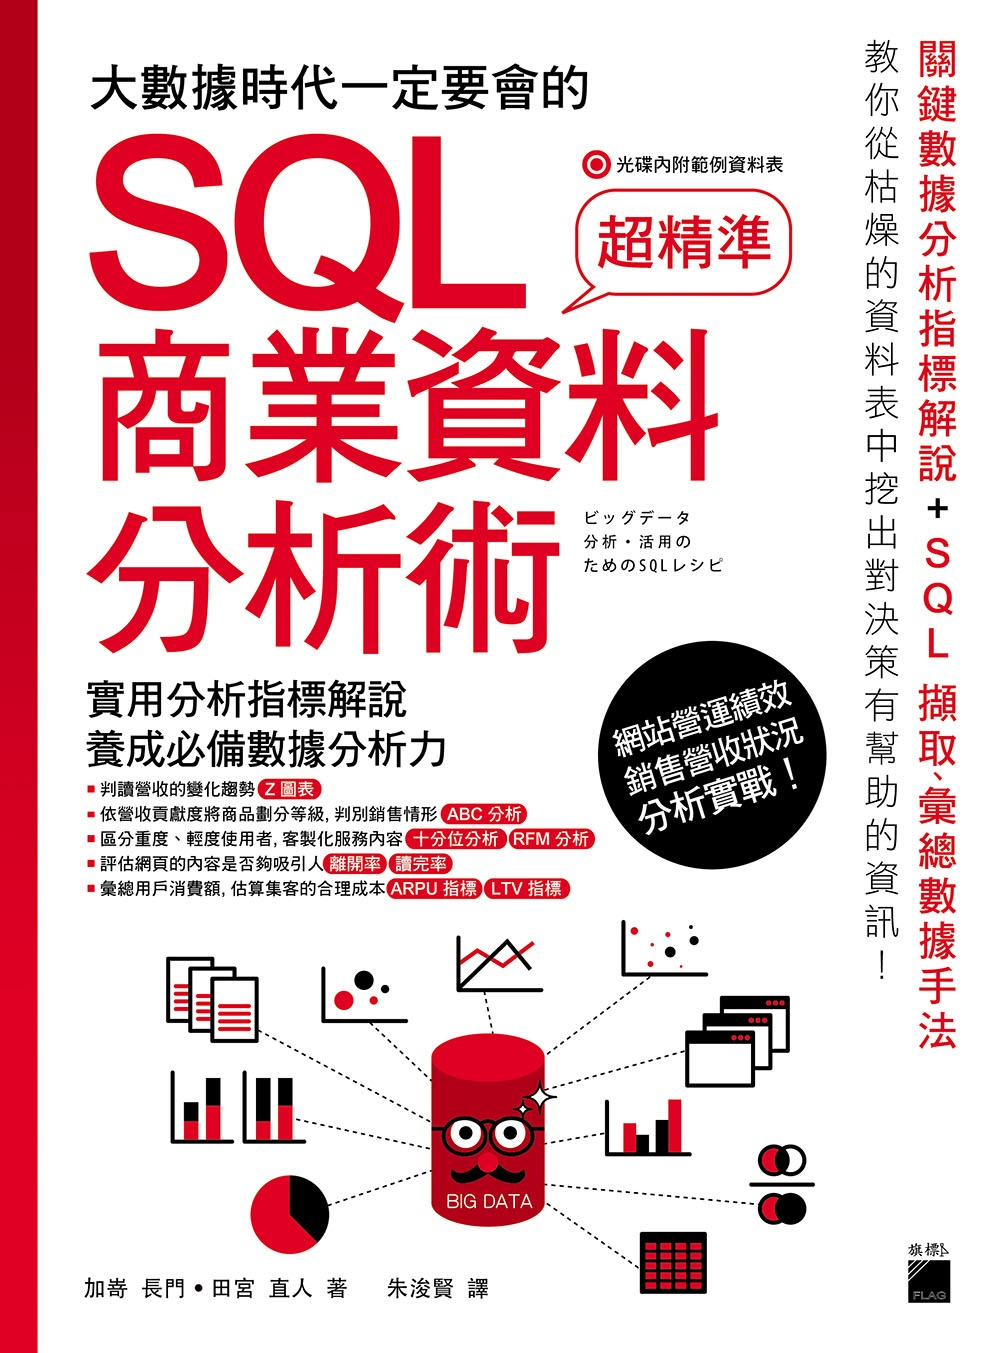 大數據時代一定要會的 SQL ...